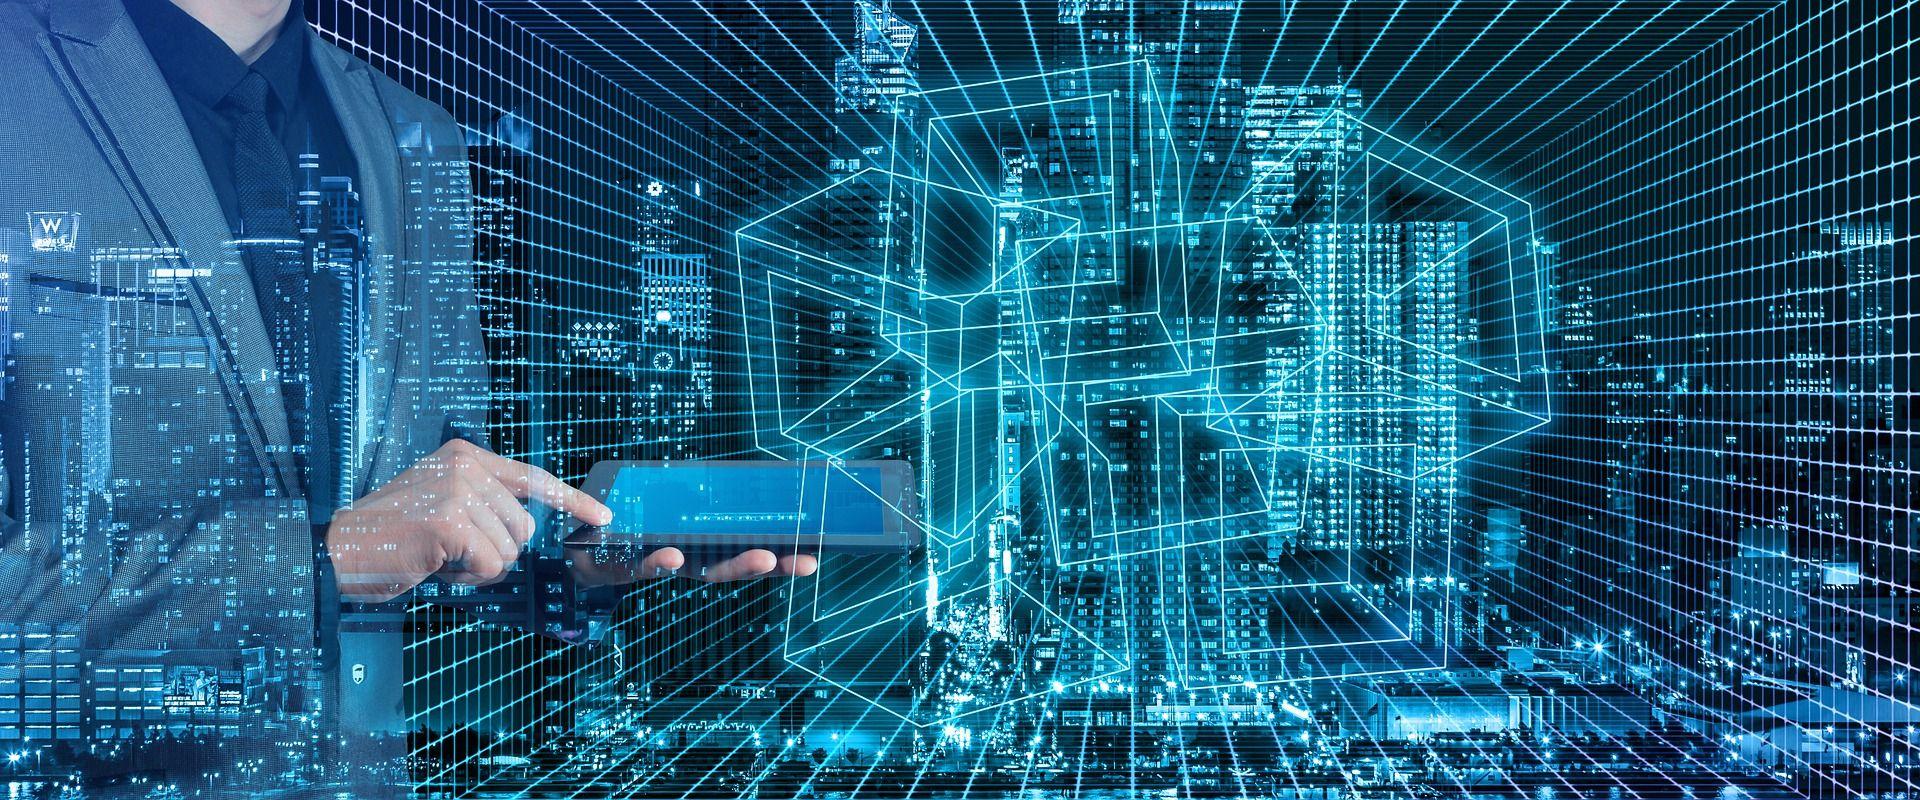 Die Zukunft ist digital - und sie hat längst begonnen